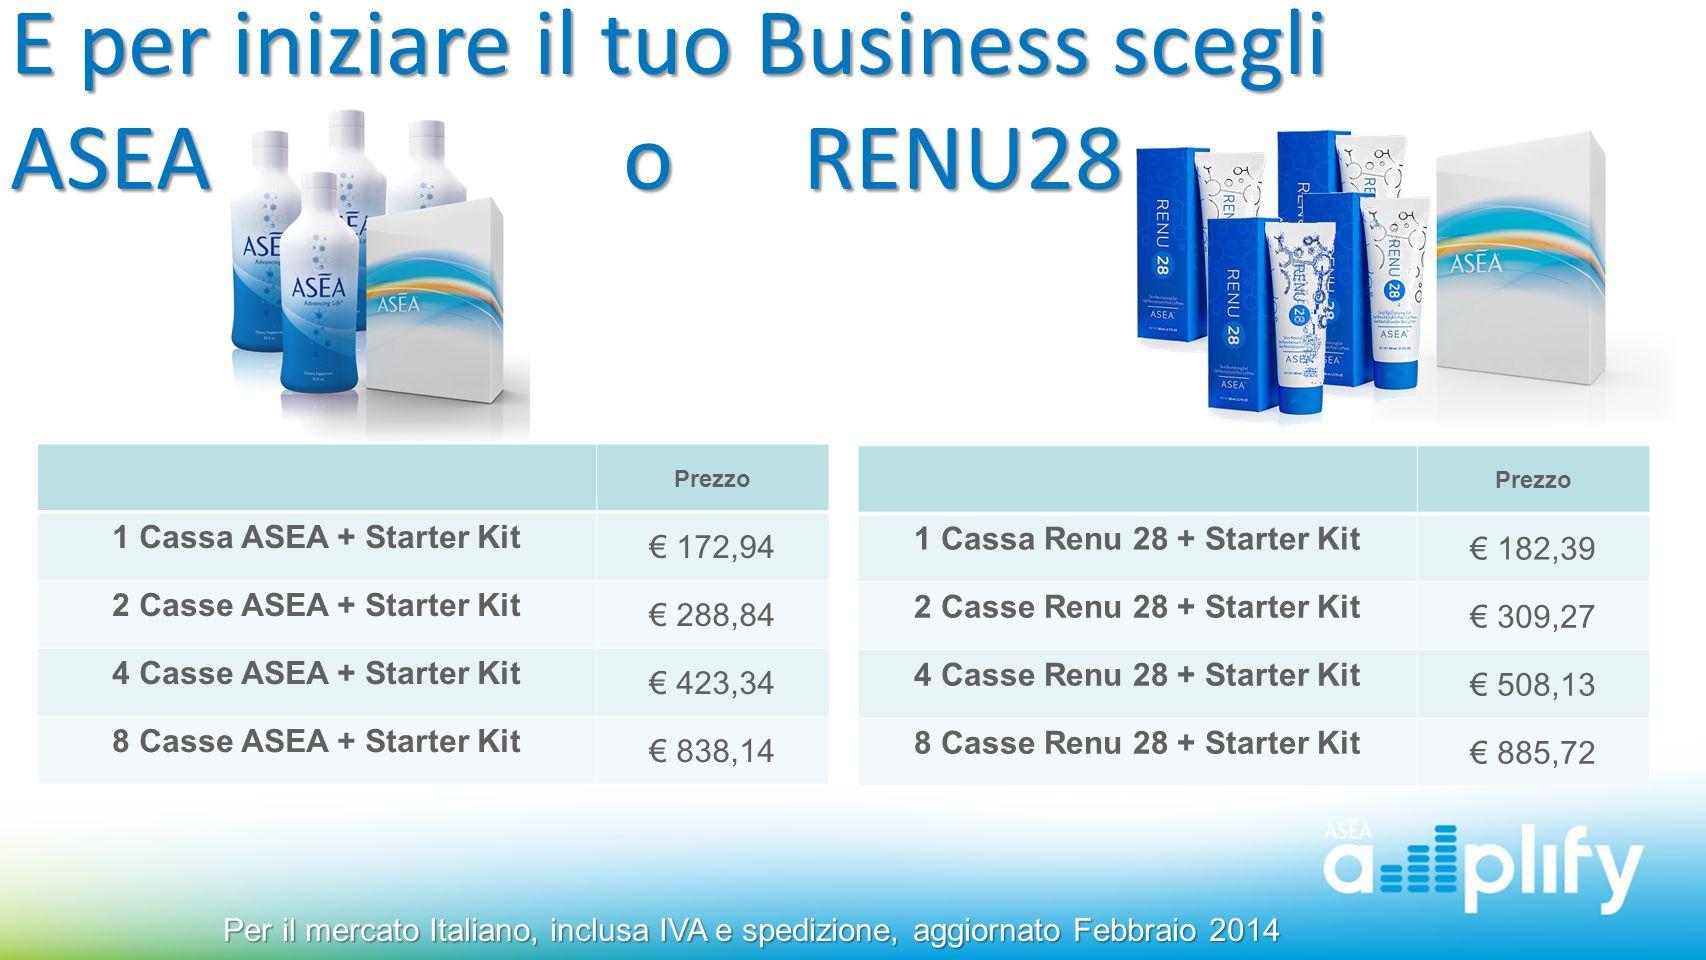 E per iniziare il tuo Business scegli ASEA o RENU28